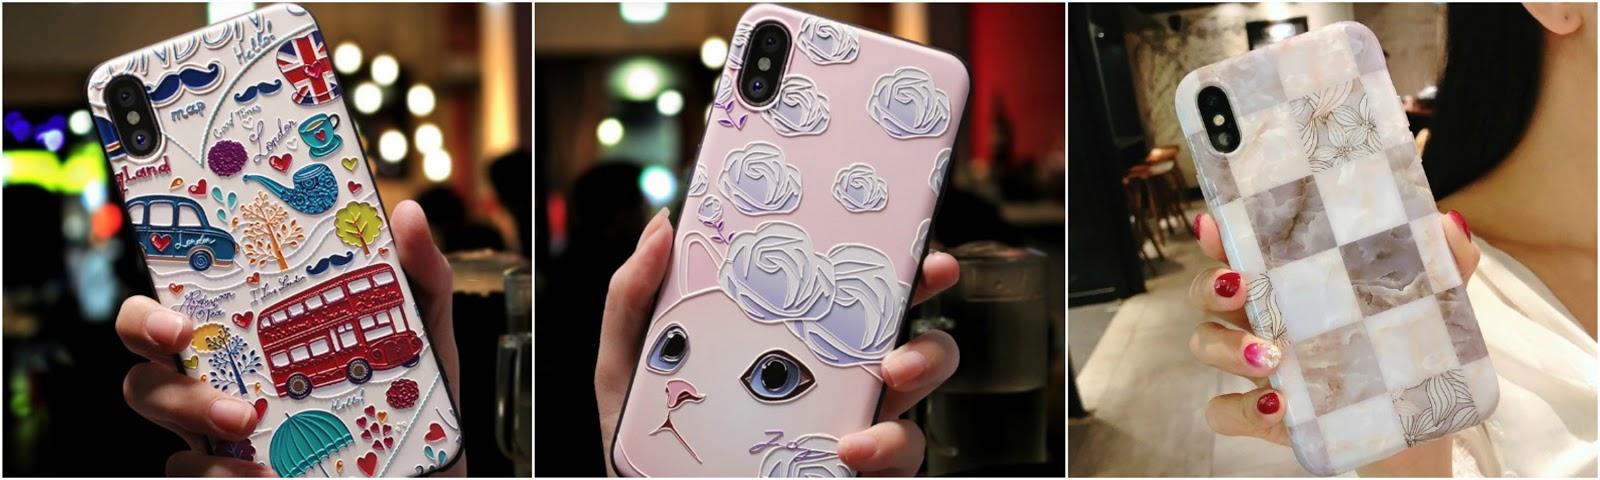 cute korean phone case